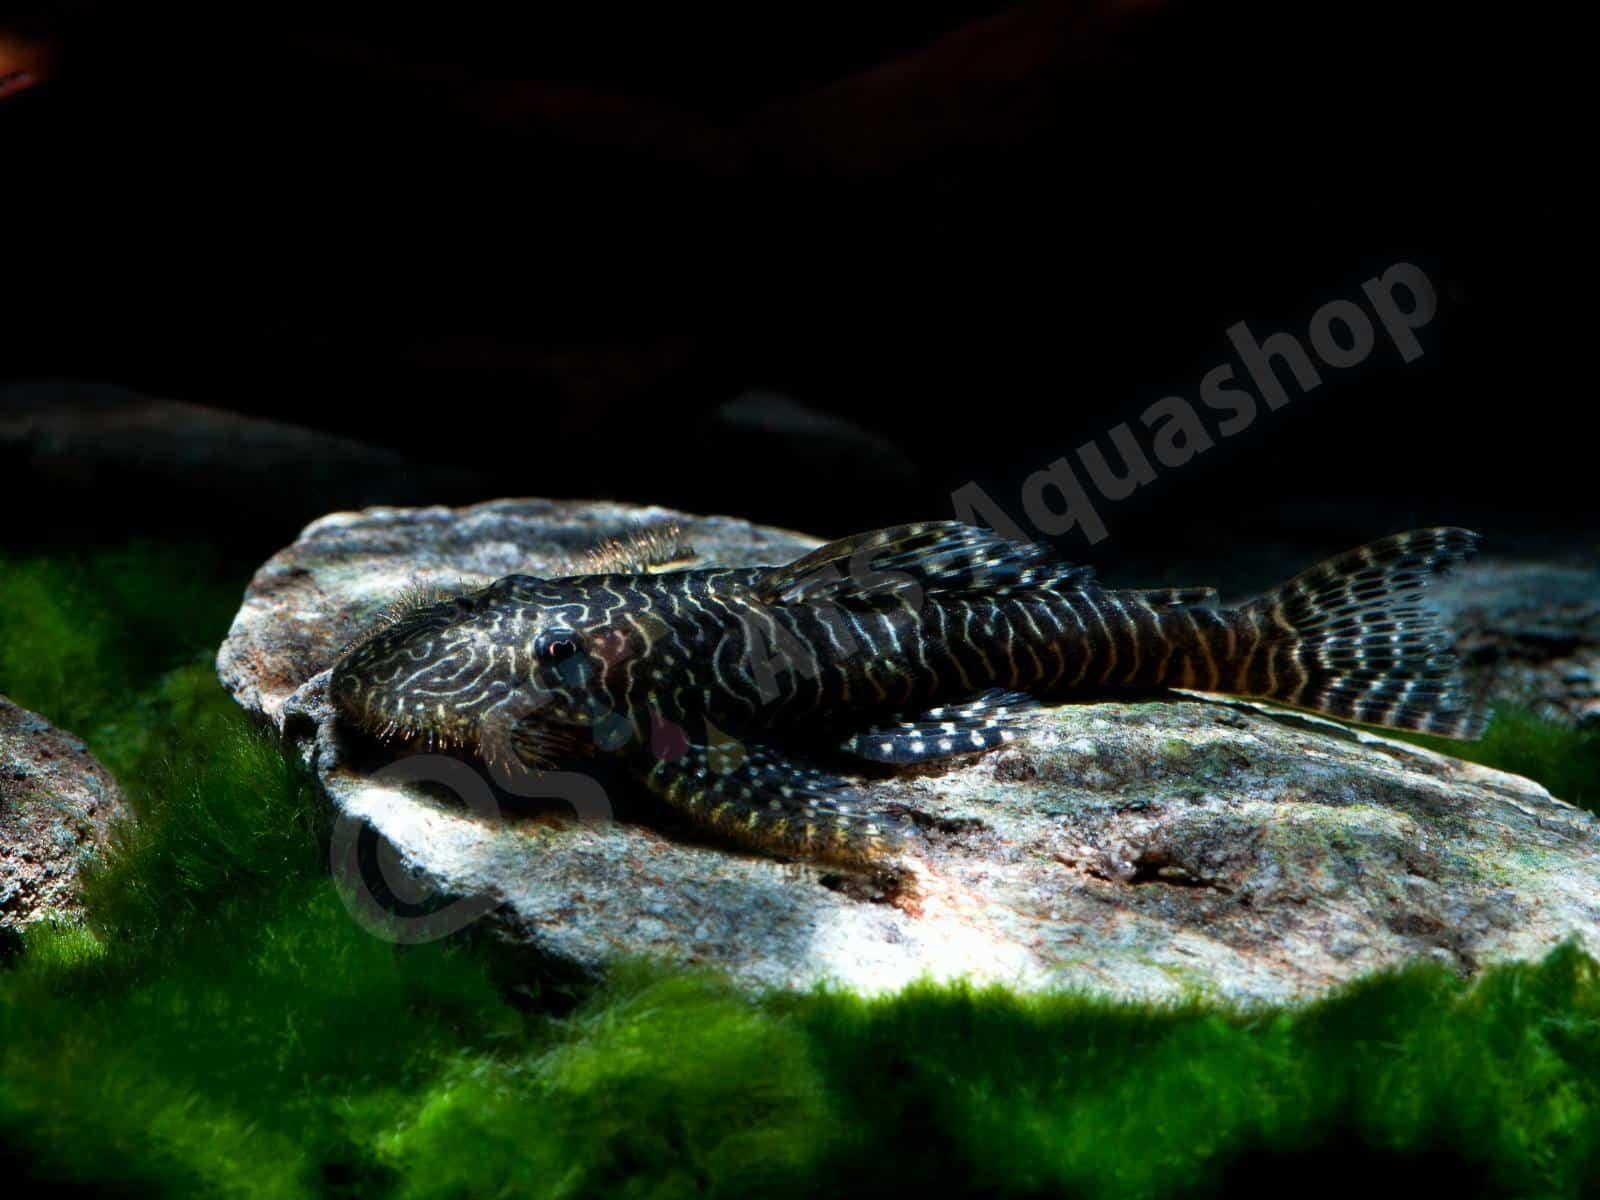 pseudolithoxus tigris l 257 enrico richter 0096 6